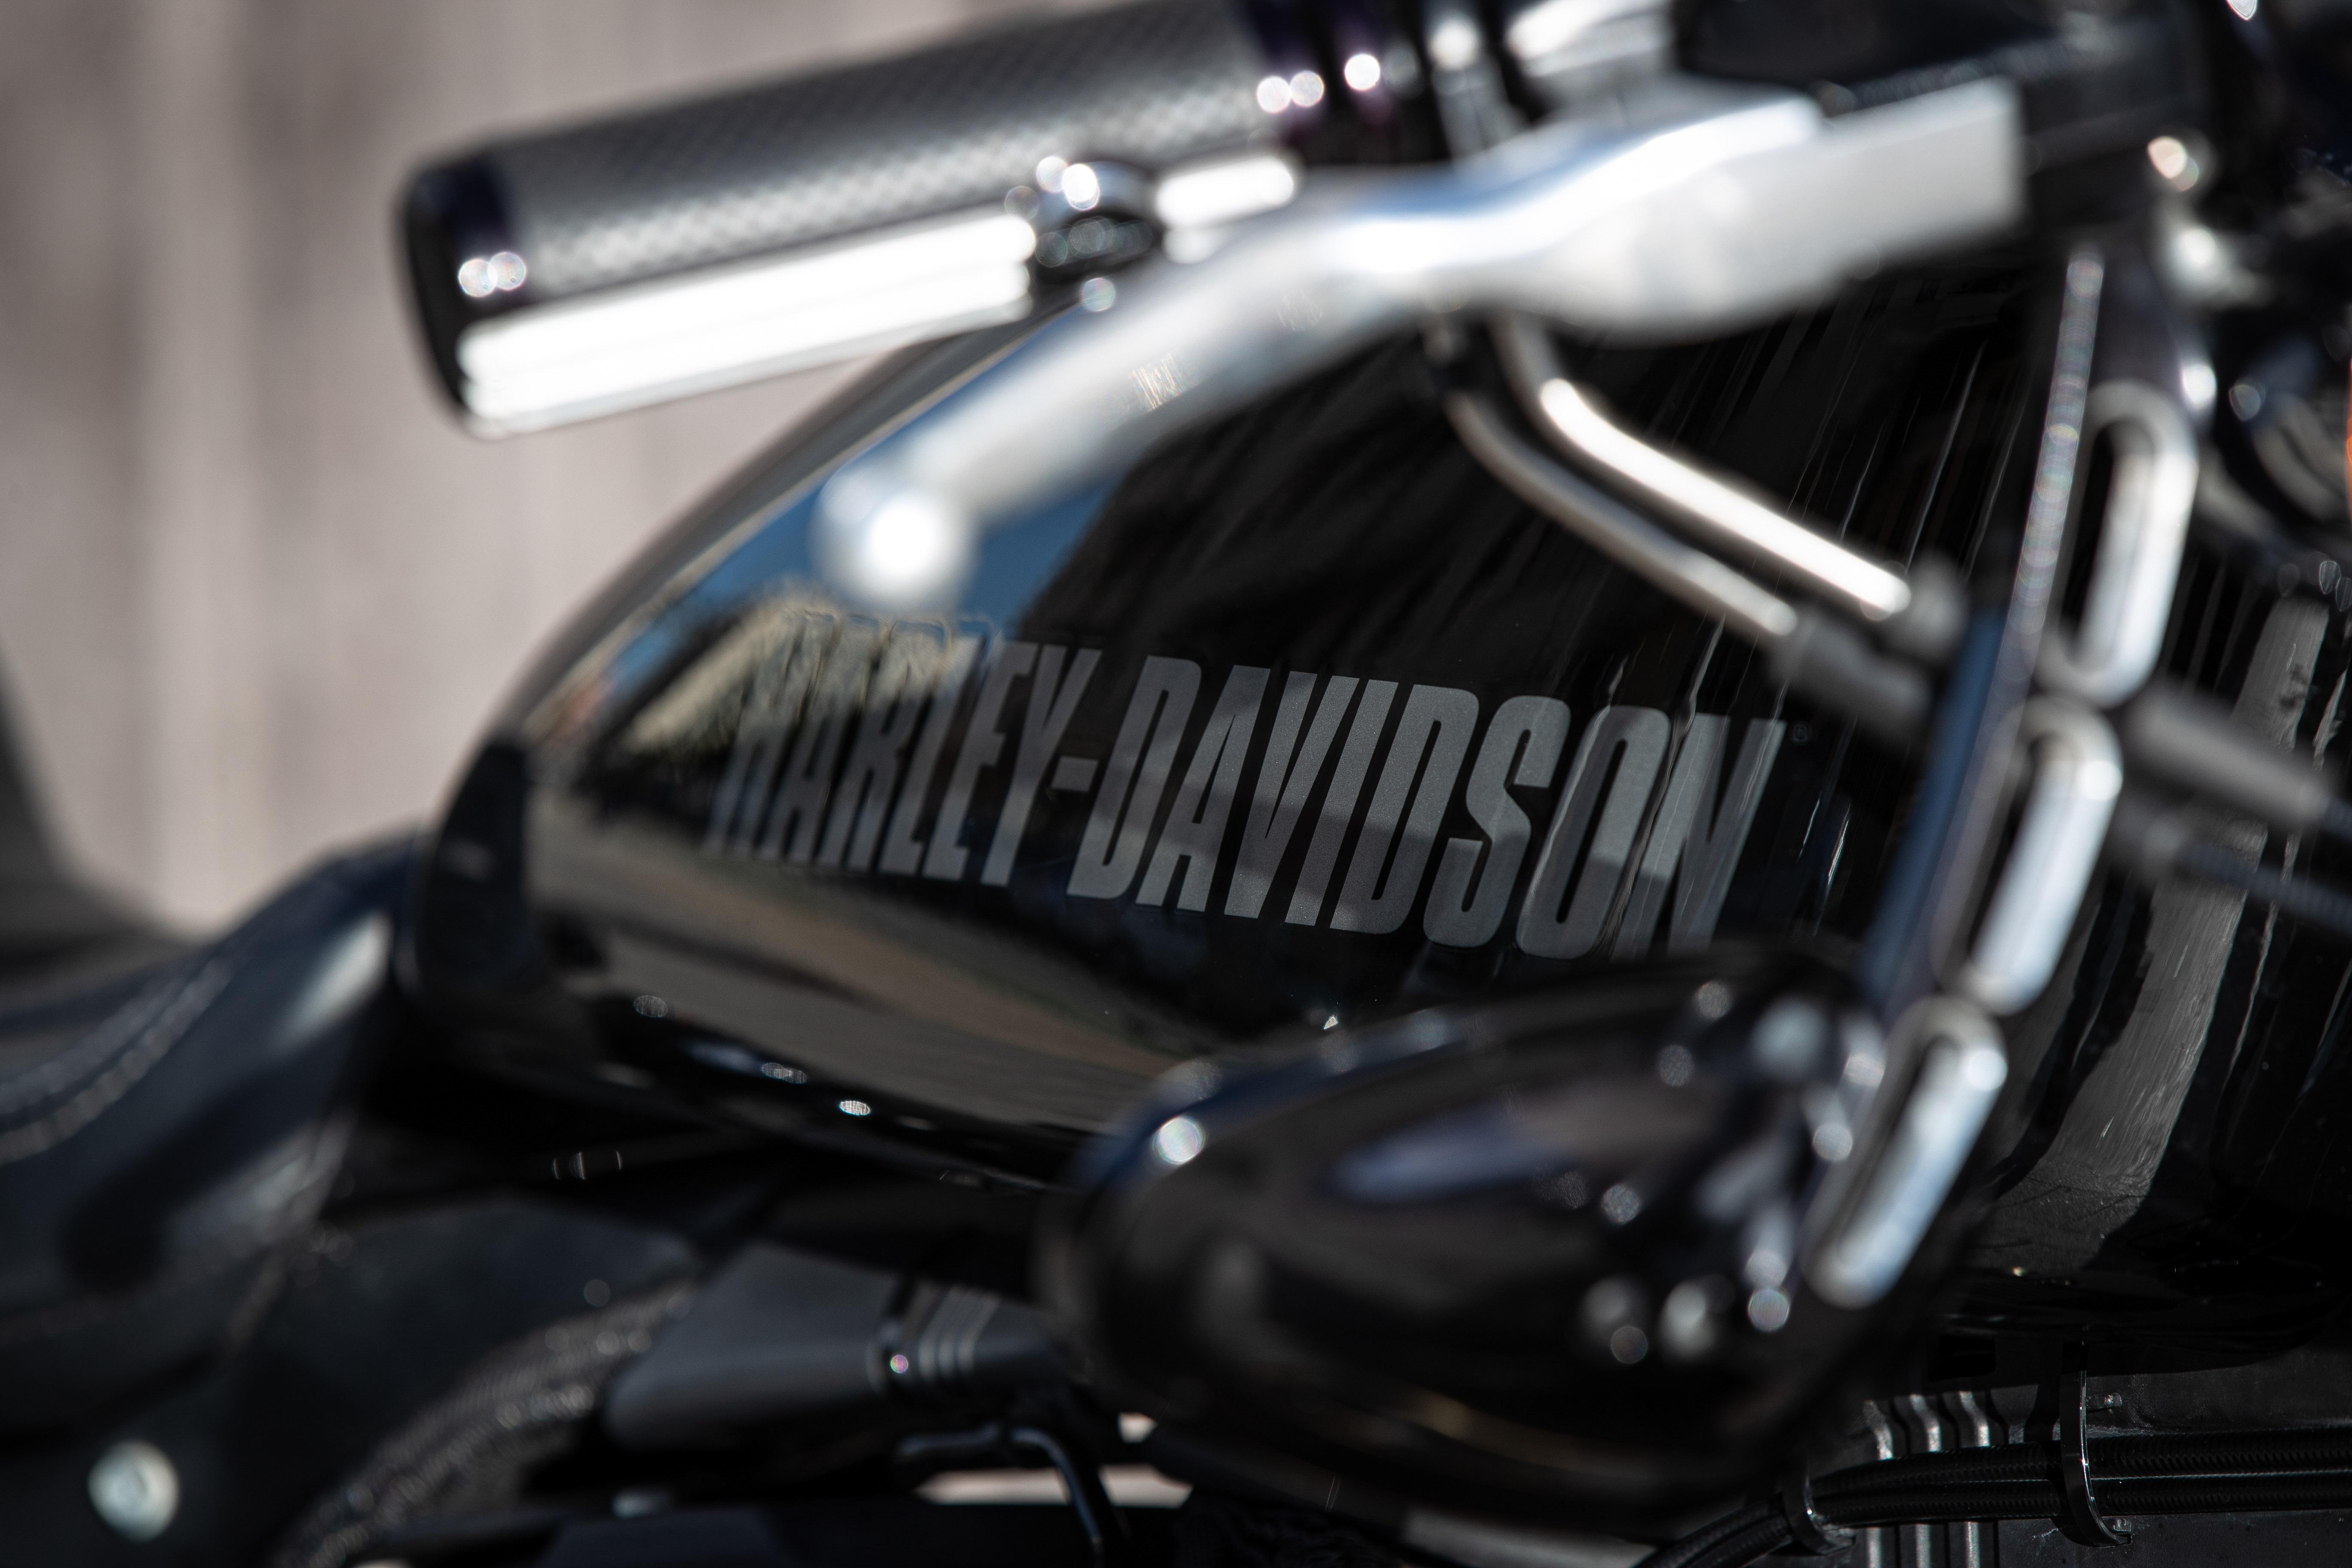 Ngam dan xe Harley-Davidson Sportster lot xac voi ban do Sykes hinh anh 31 2020_Harley_Davidson_Sportster_Custom_5252.jpg